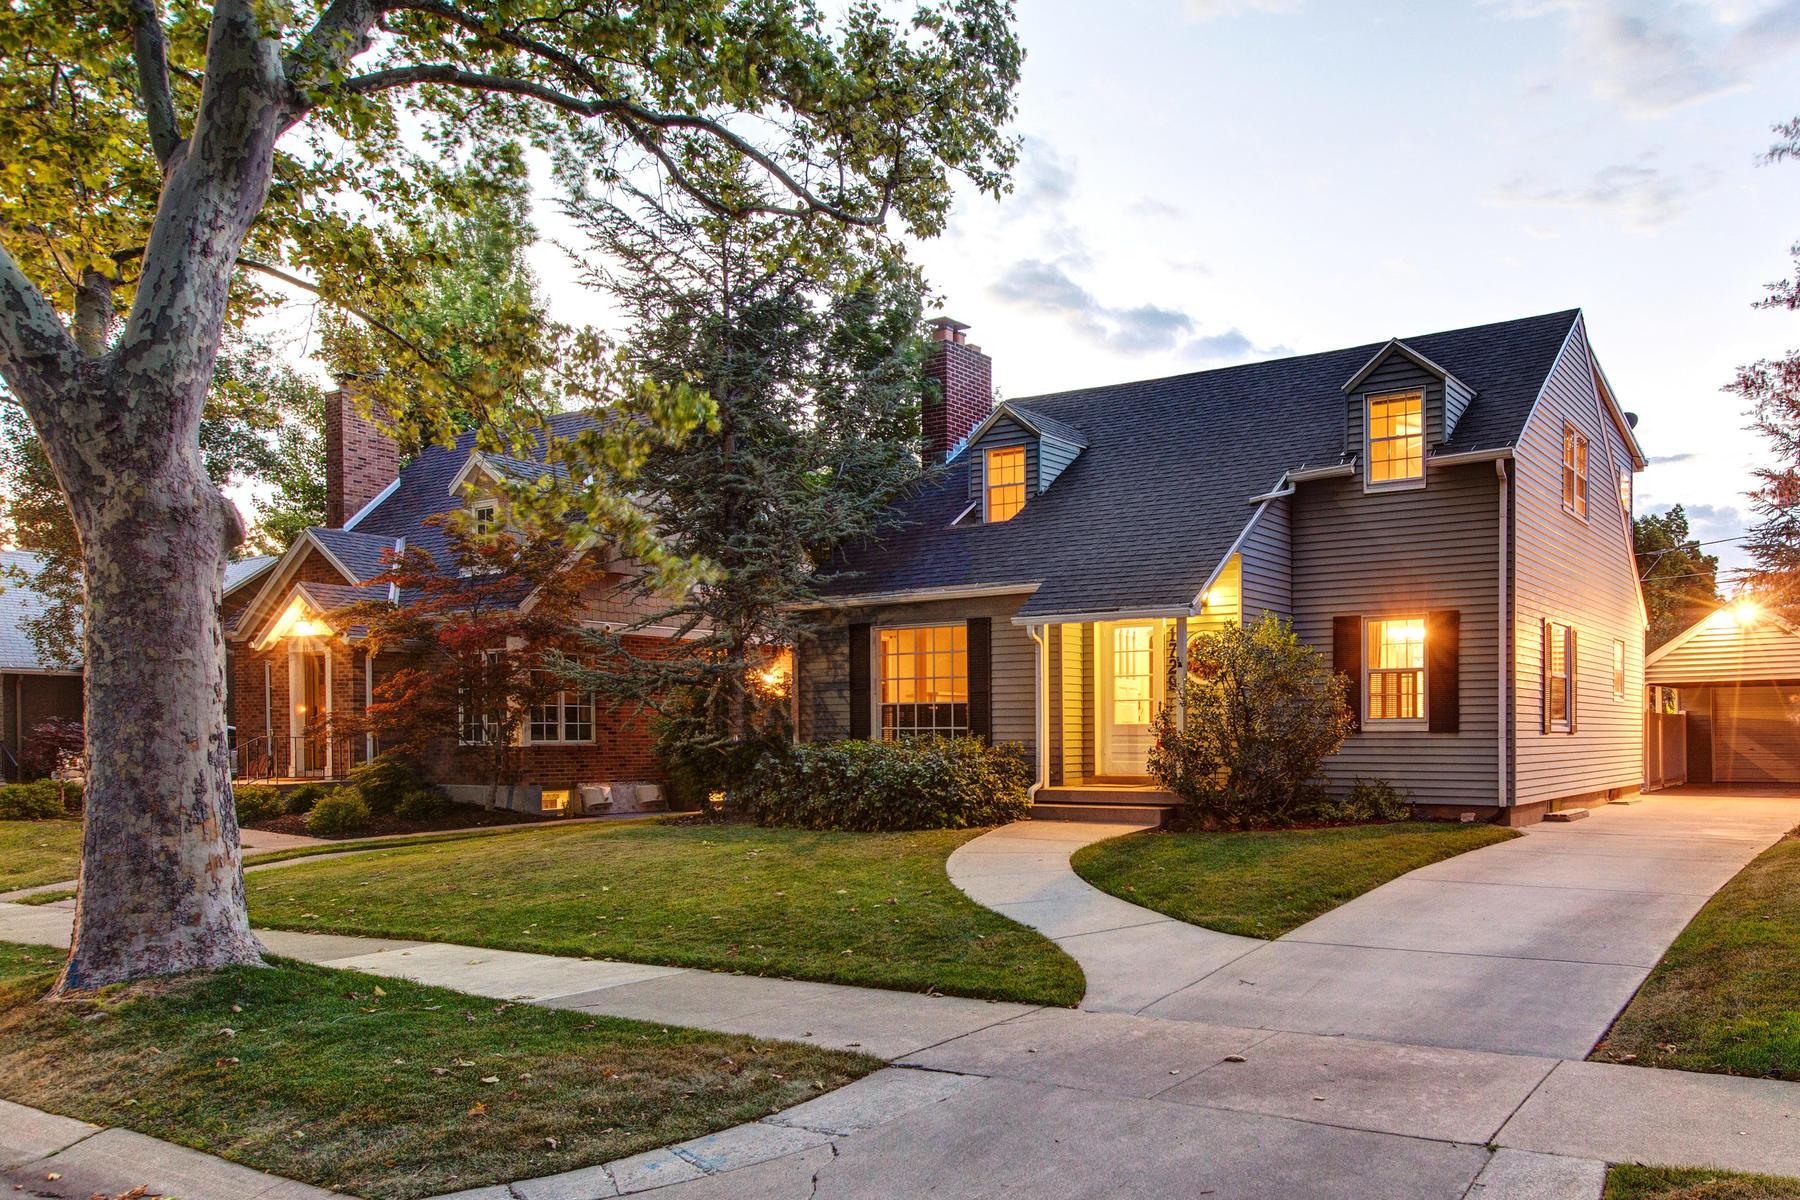 一戸建て のために 売買 アット One-Of-A-kind Harvard/Yale Cape Cod 1729 Laird Ave Salt Lake City, ユタ, 84108 アメリカ合衆国